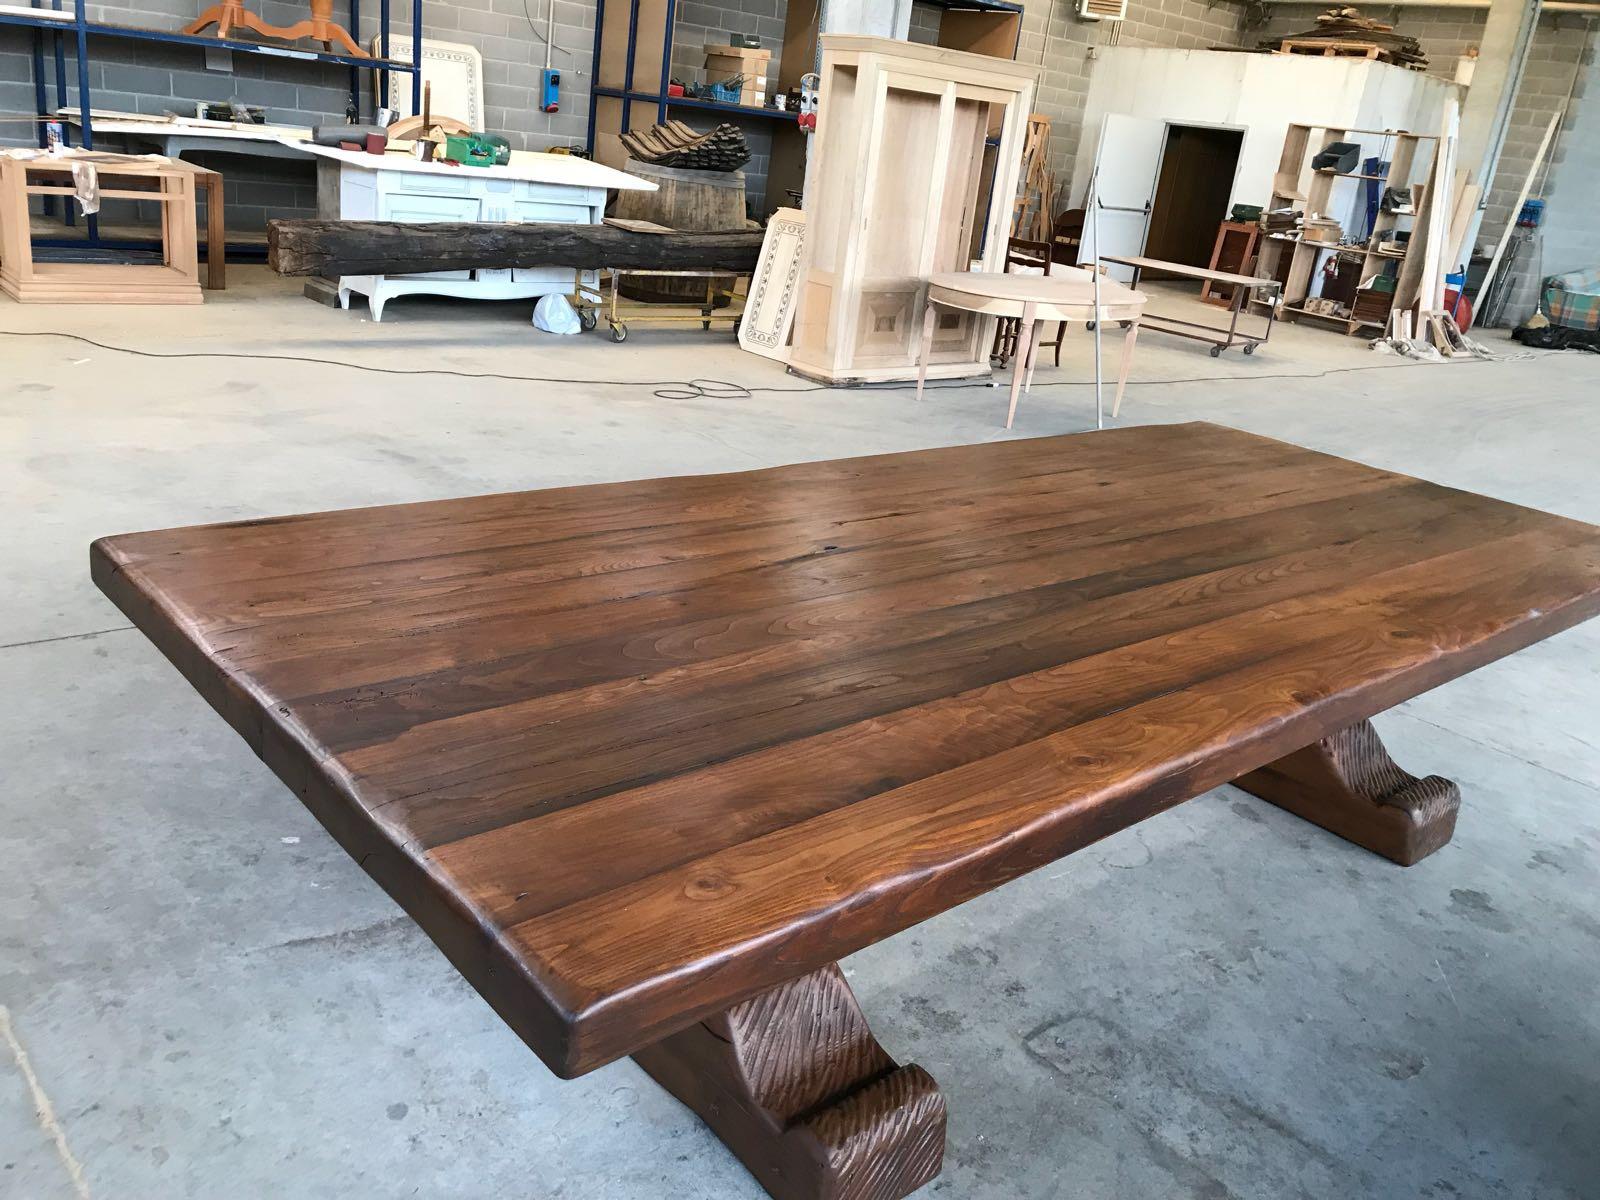 Tavolo in legno vecchio ESCAPE='HTML'